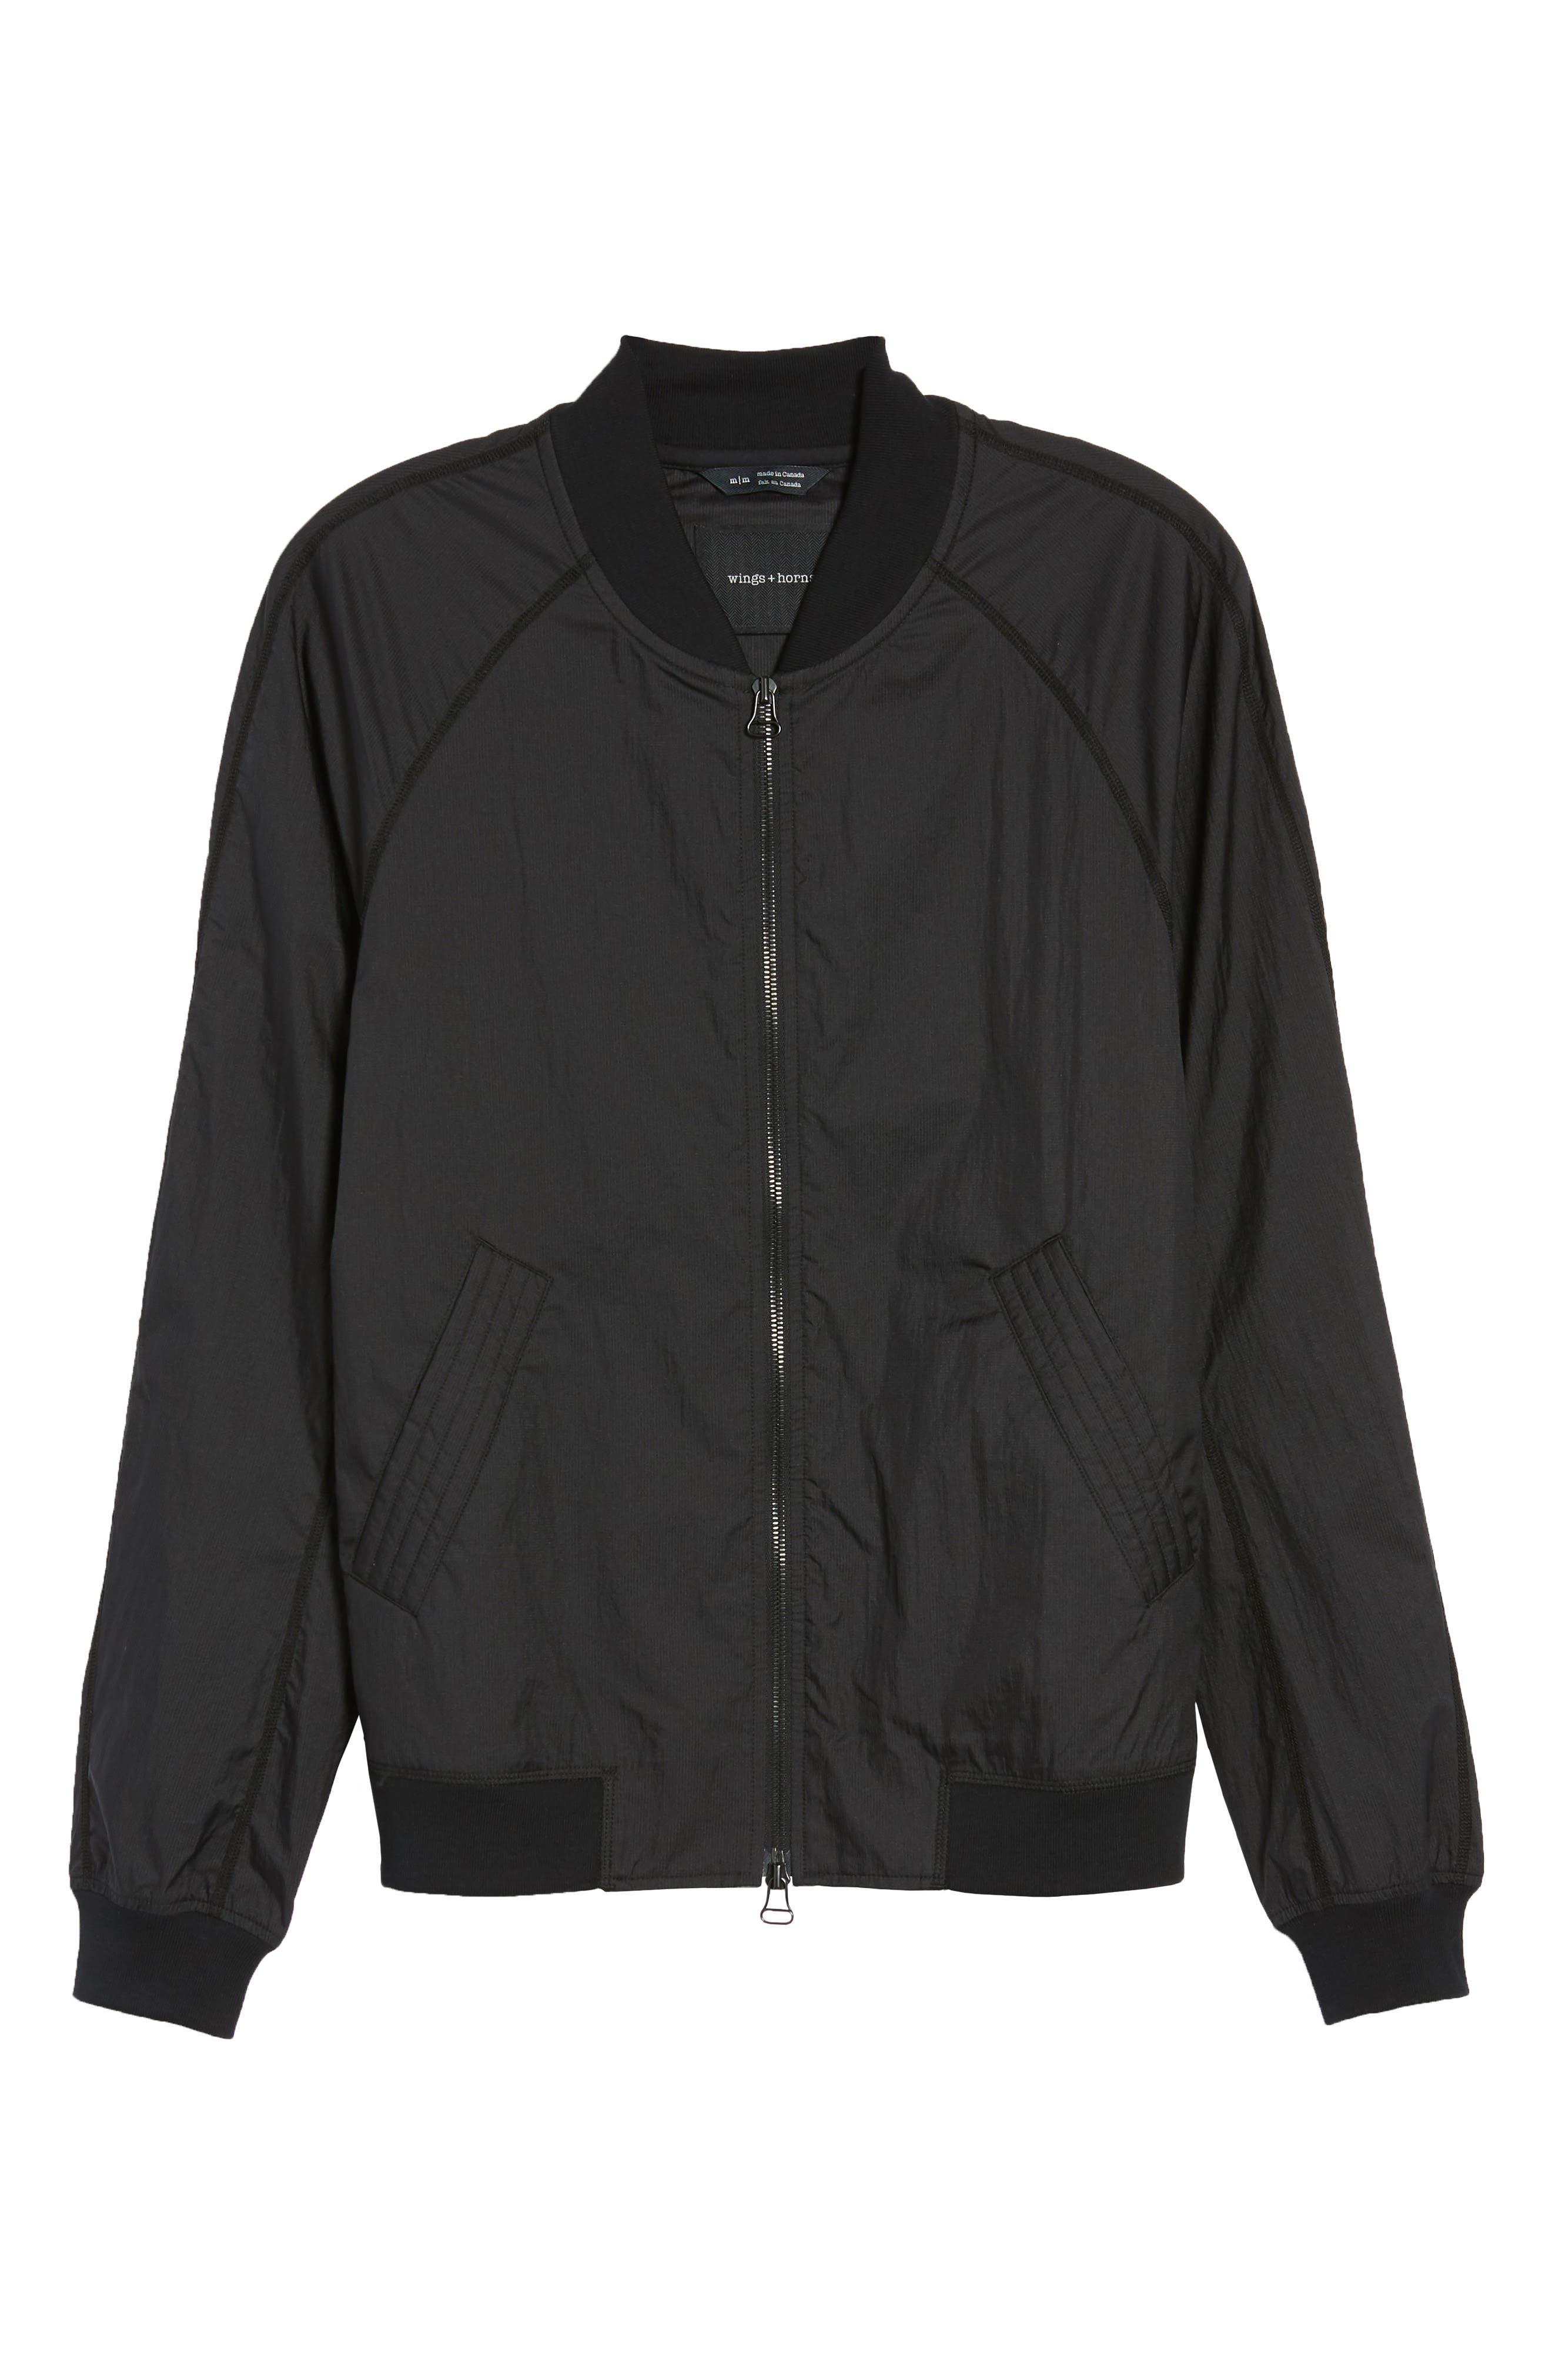 Souvenir Jacket,                             Alternate thumbnail 5, color,                             001